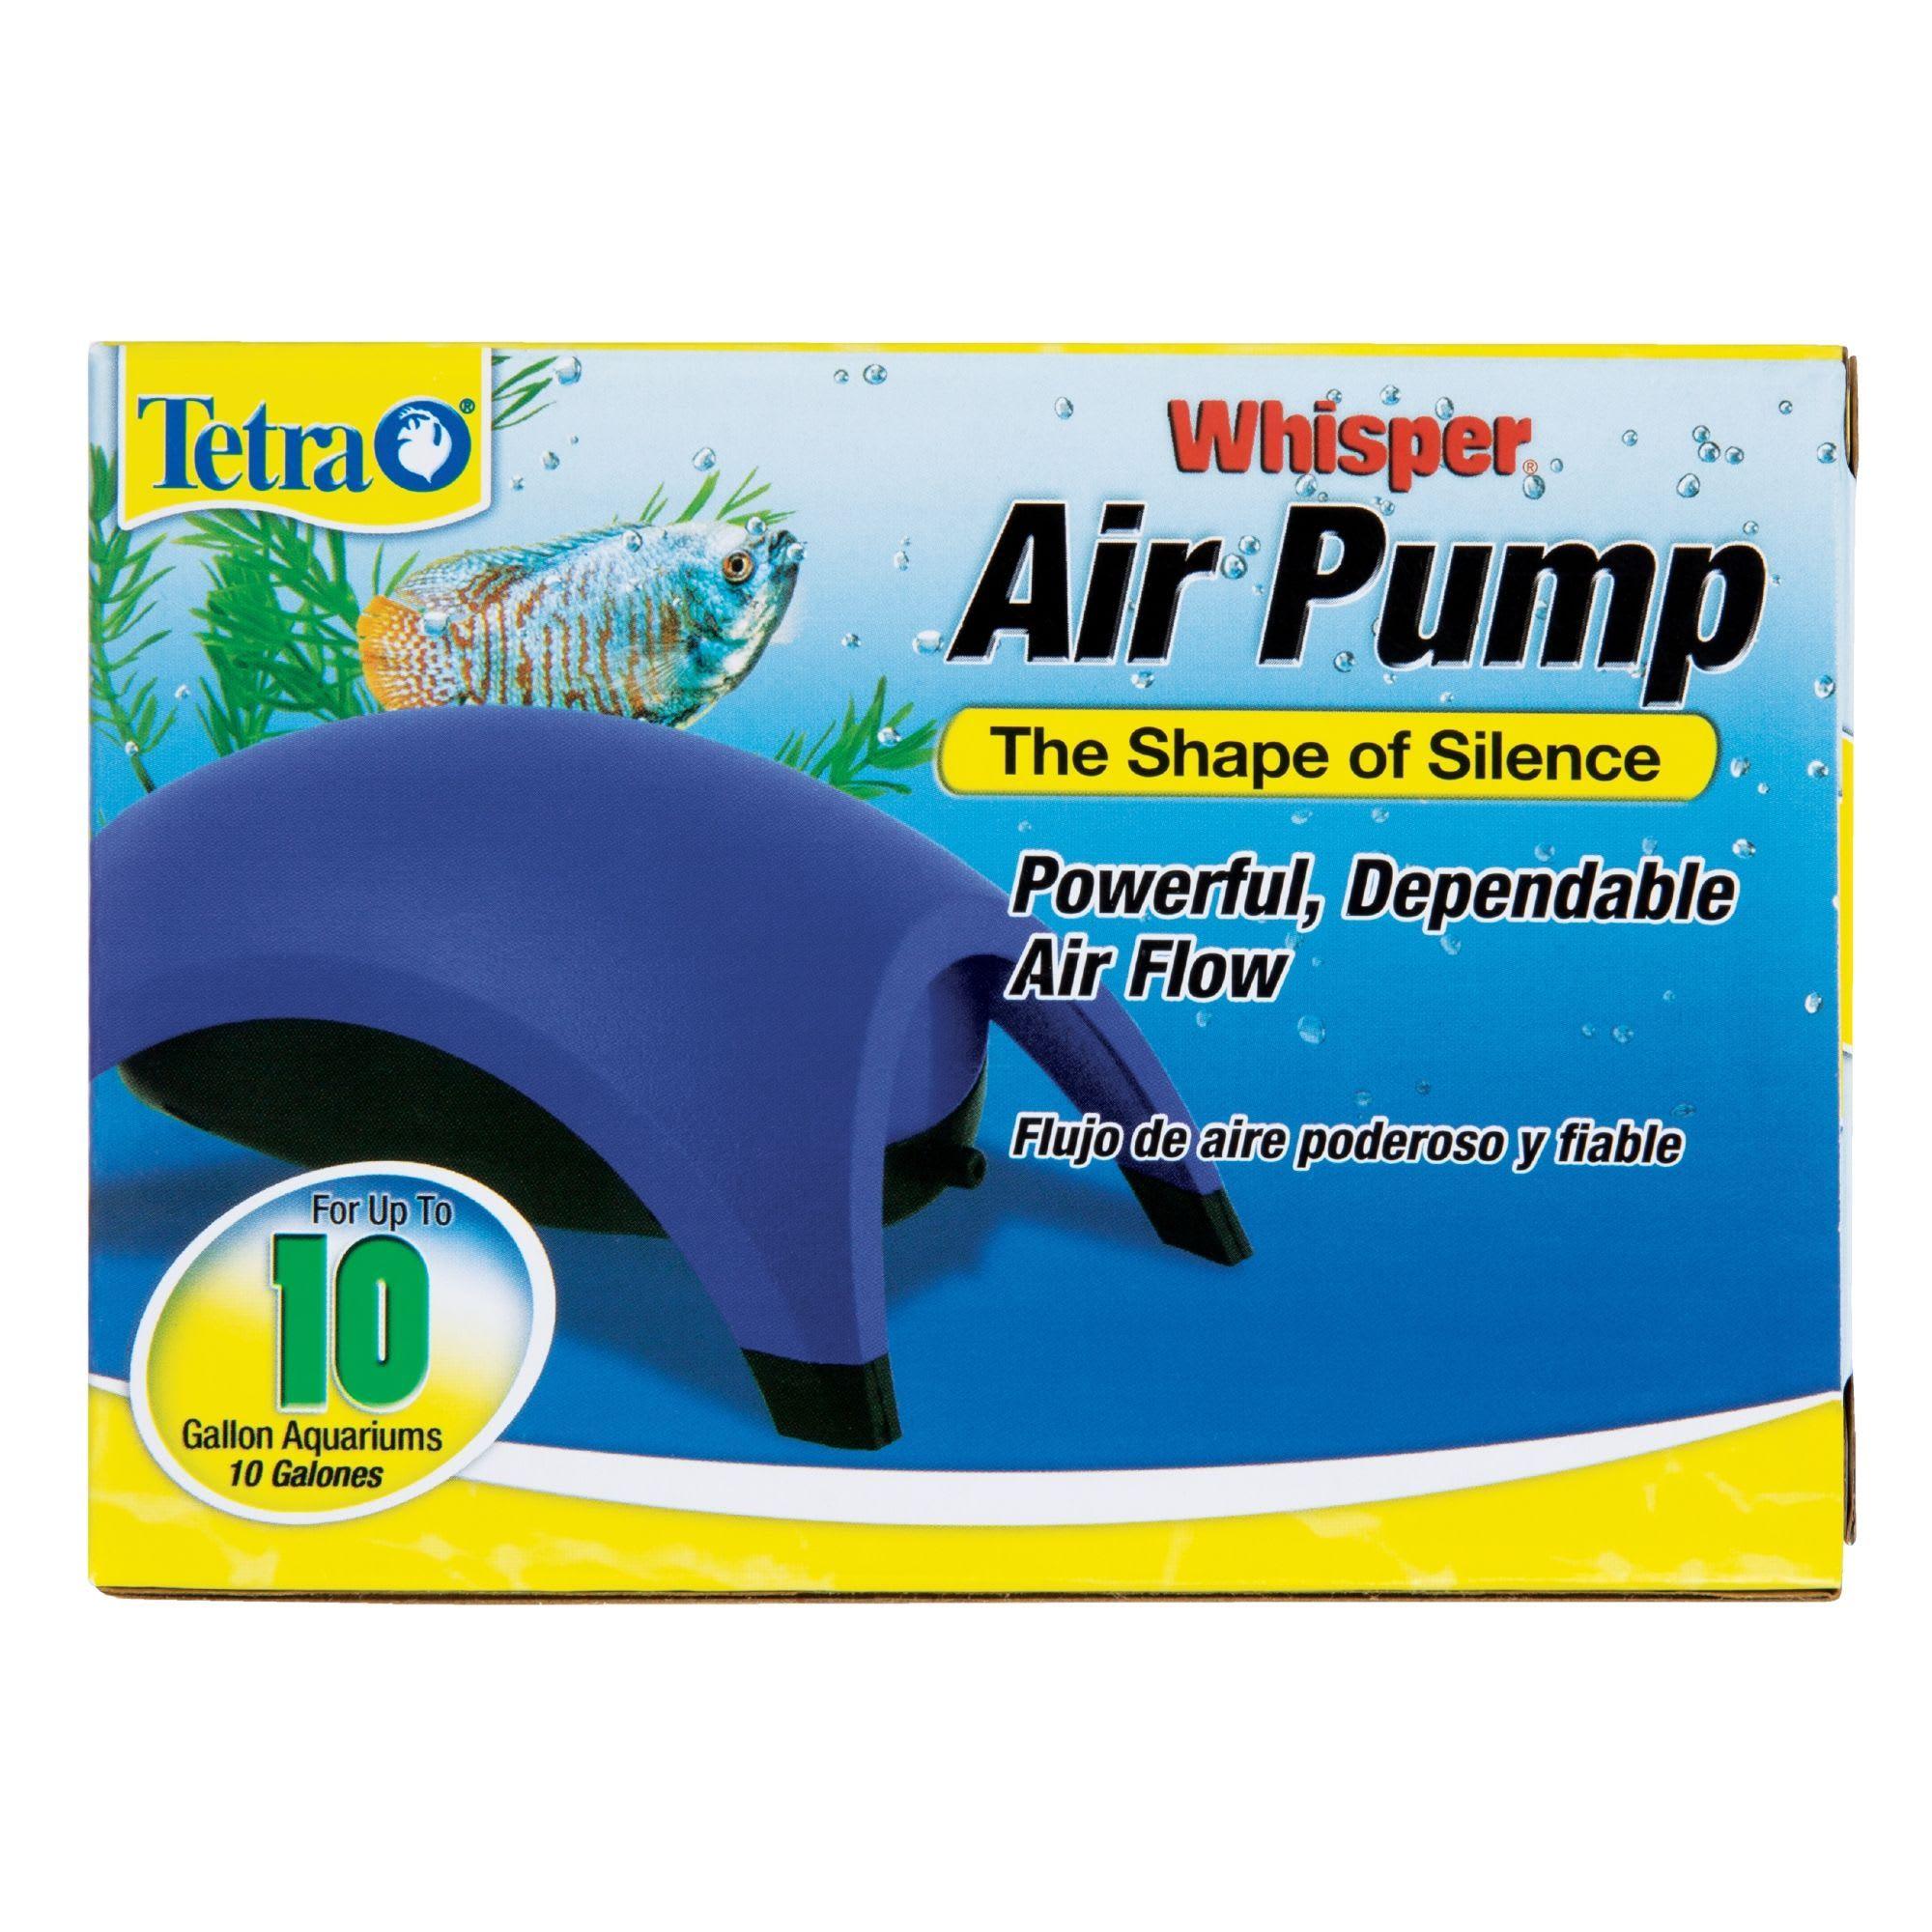 Tetra Whisper Aquarium Air Pump For 10 Gallon Aquariums In 2020 Aquarium Air Pump Air Pump Aquarium